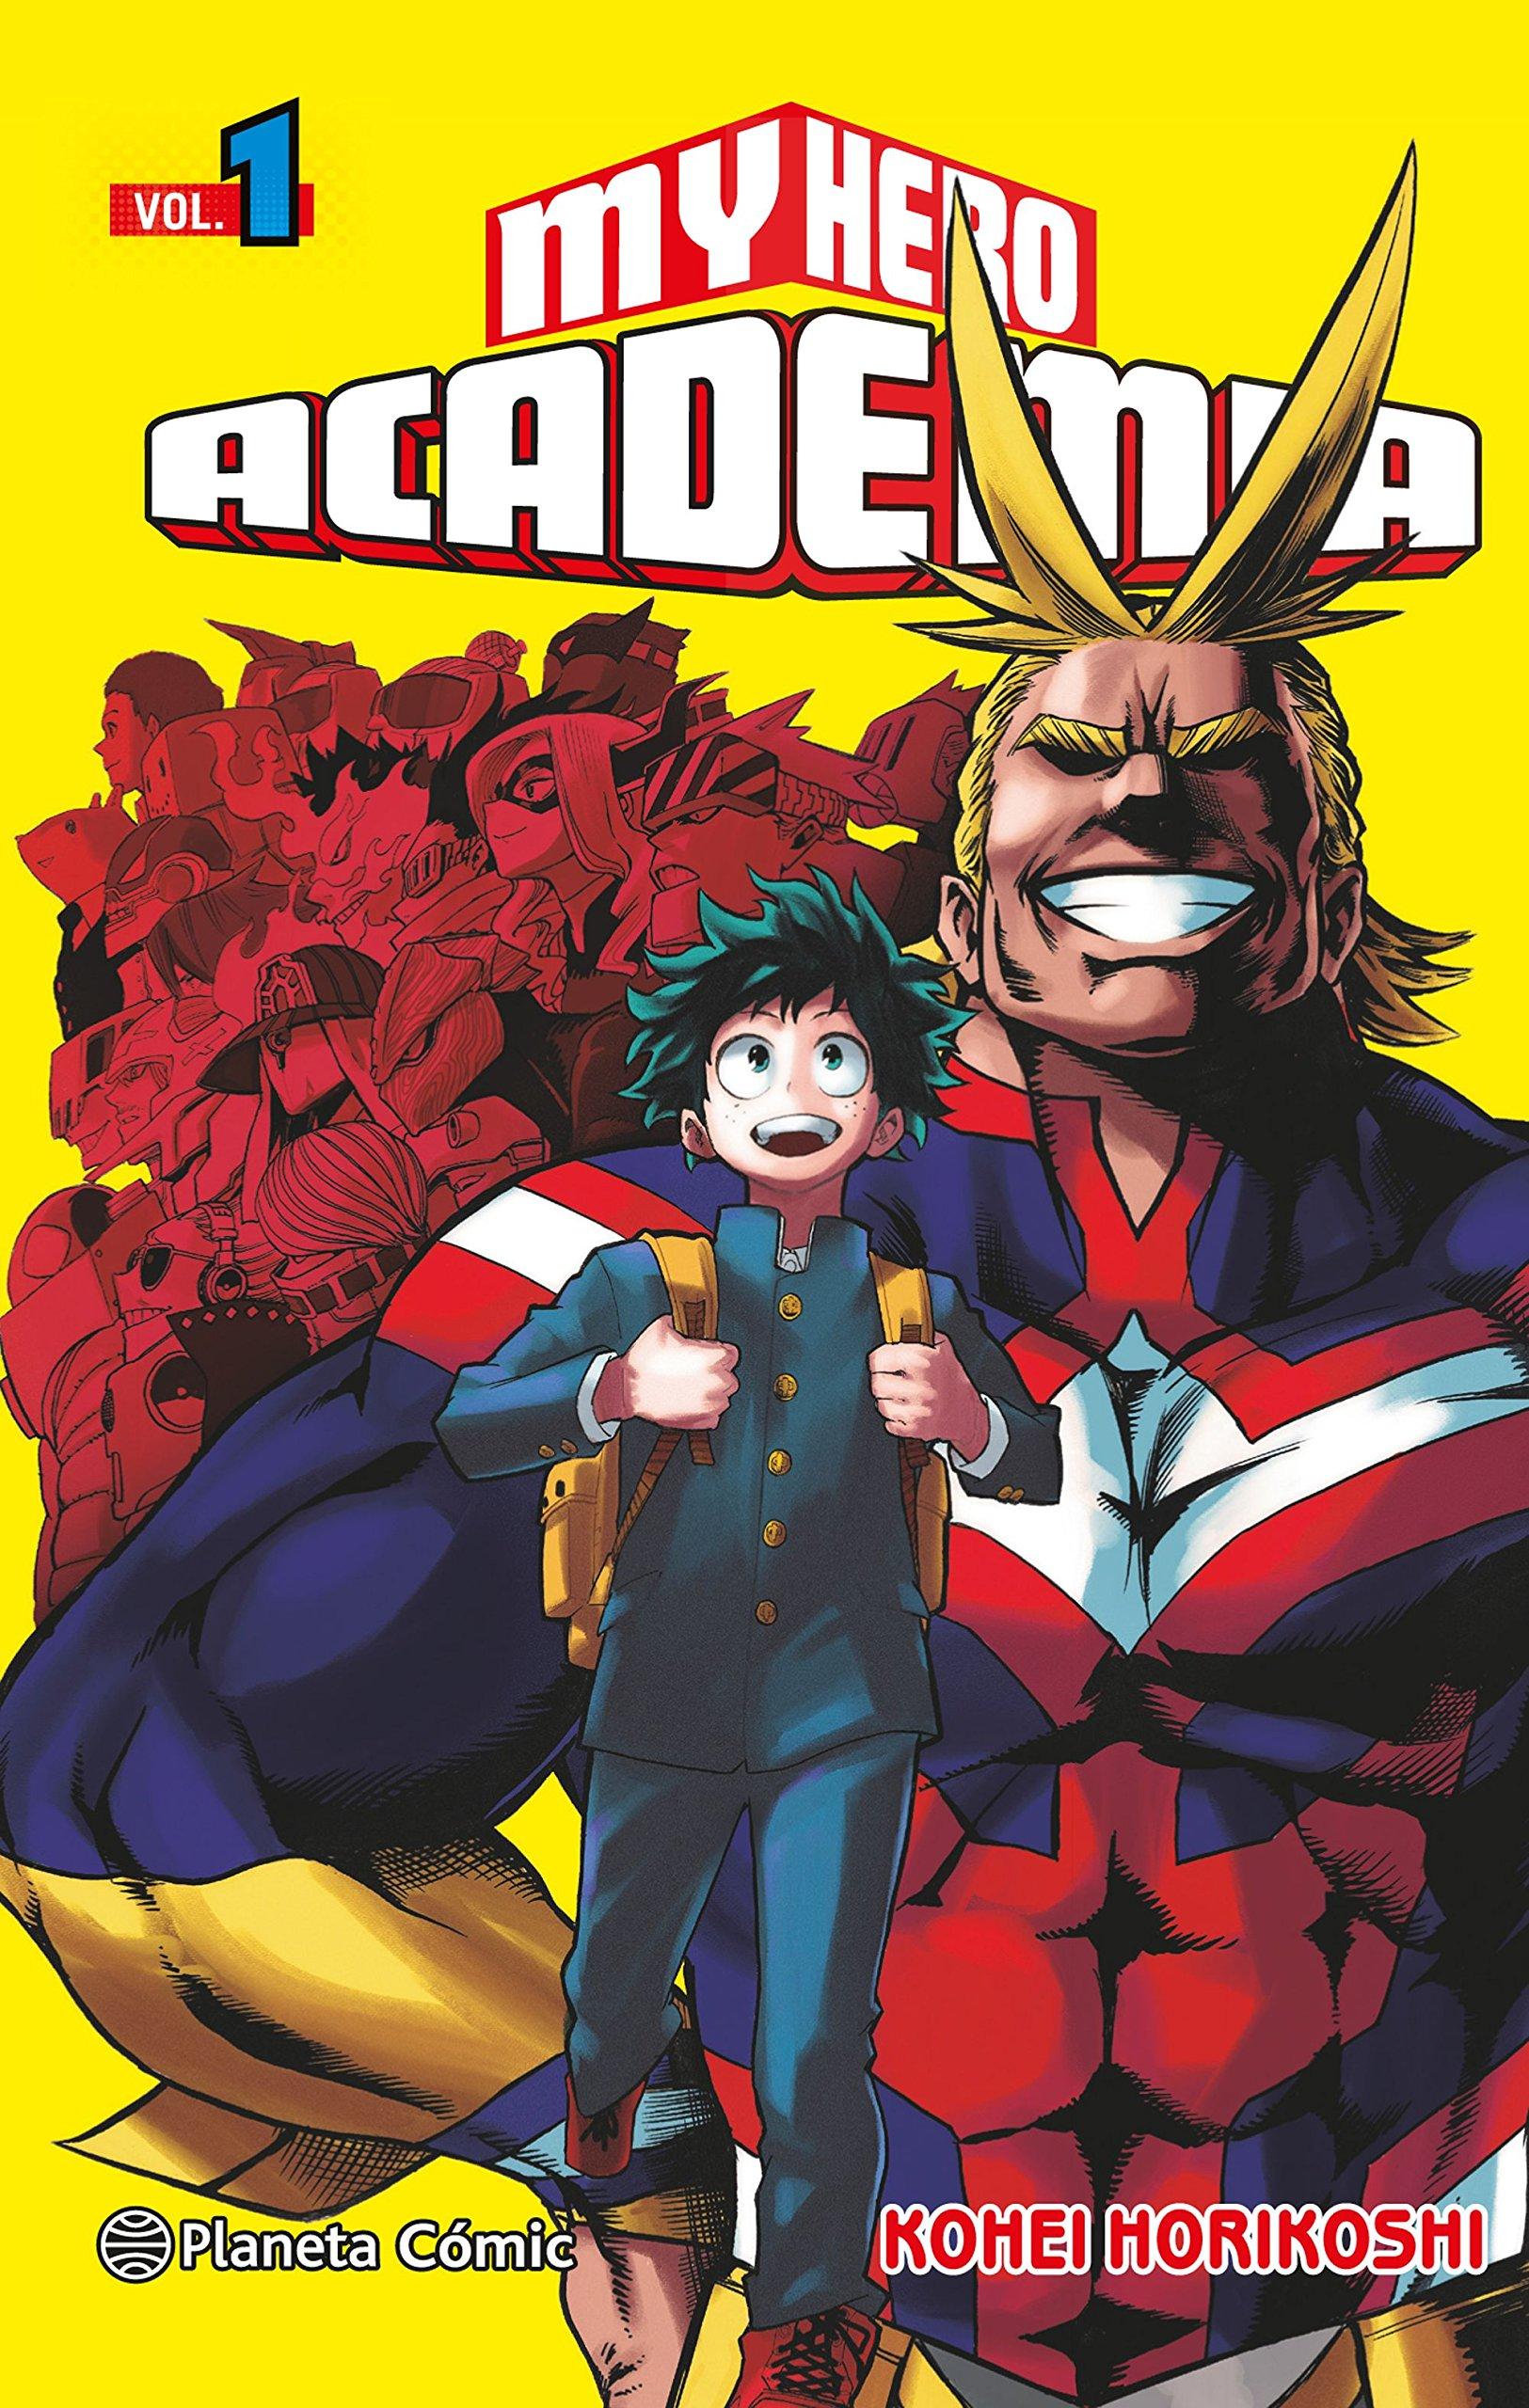 My Hero Academia nº 01 (Manga Shonen) Tapa blanda – 18 oct 2016 Kohei Horikoshi Daruma Planeta DeAgostini Cómics 8416693501